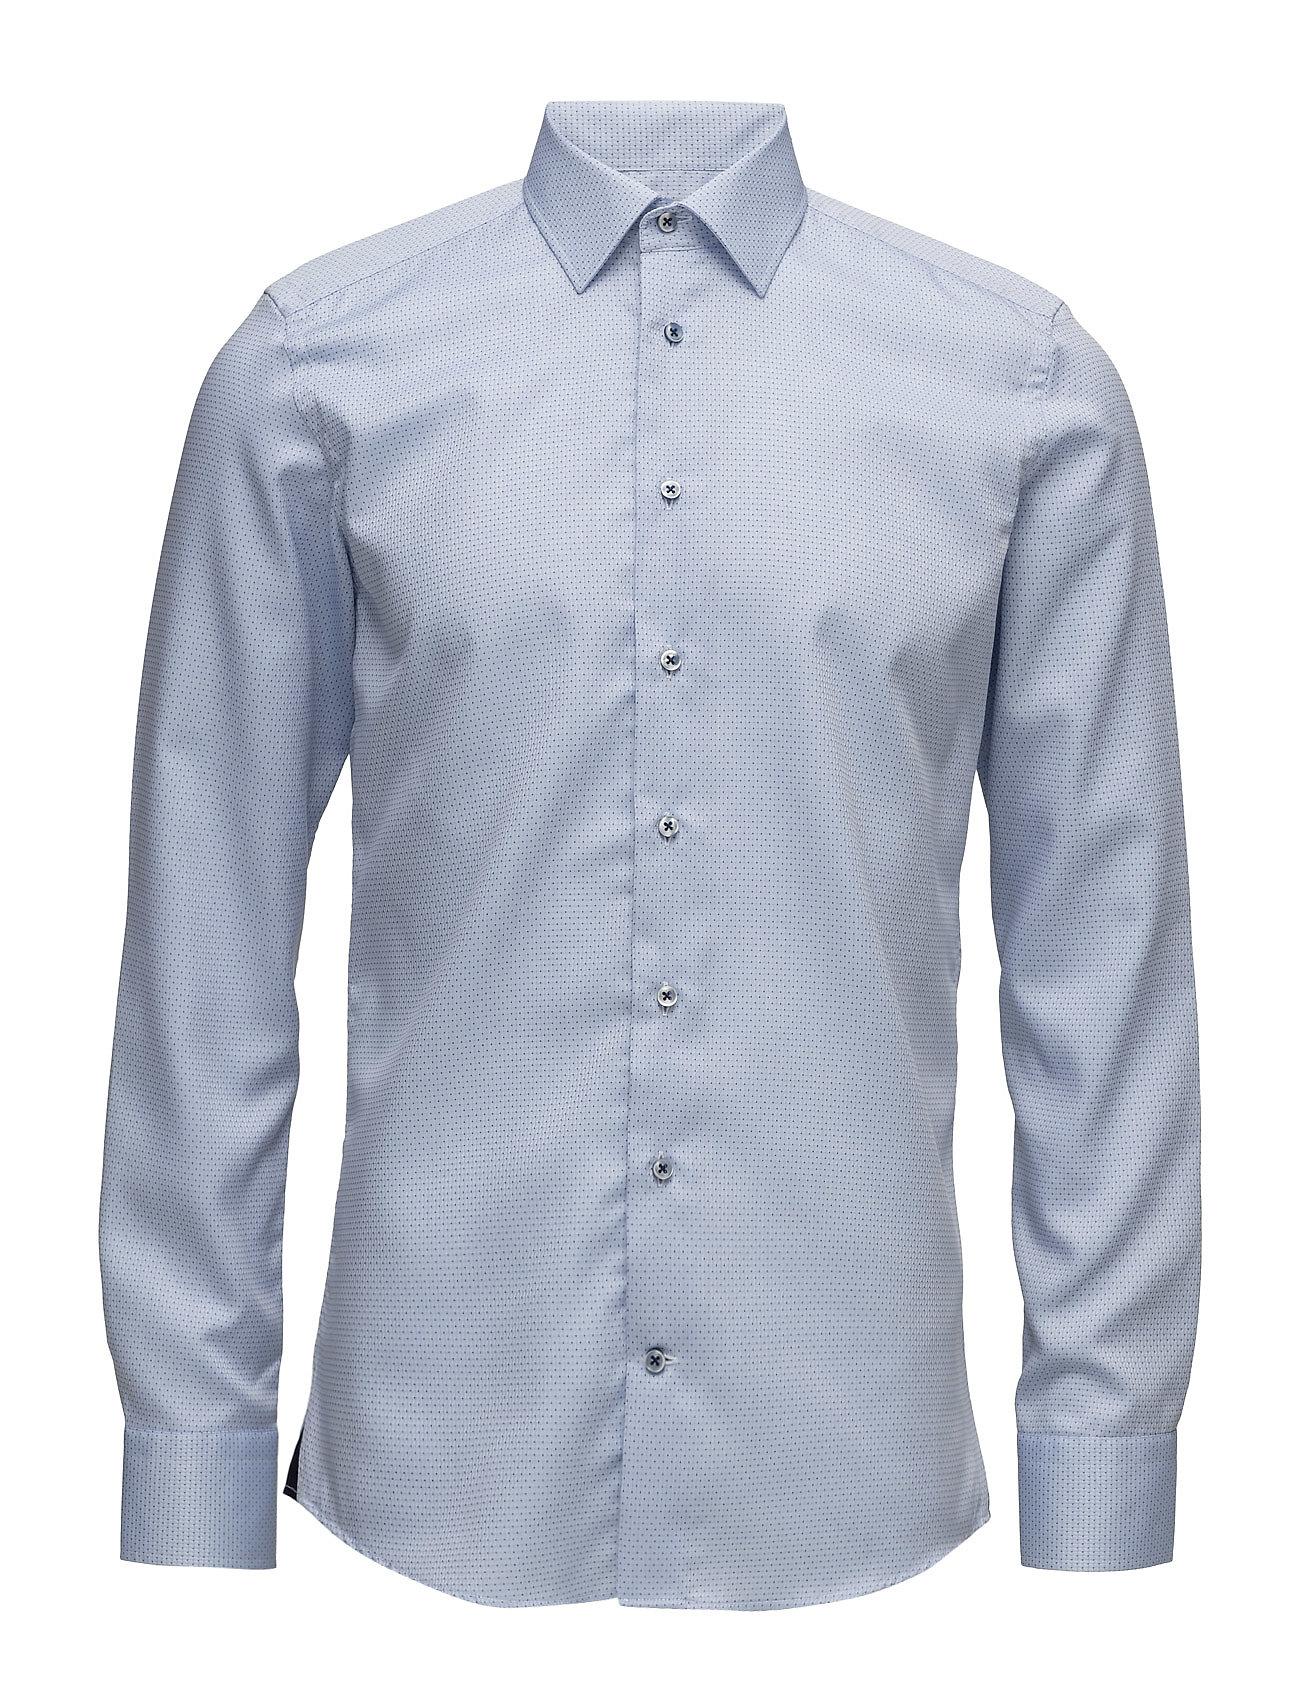 8814 - Jake Sc XO Shirtmaker Business til Herrer i Blå